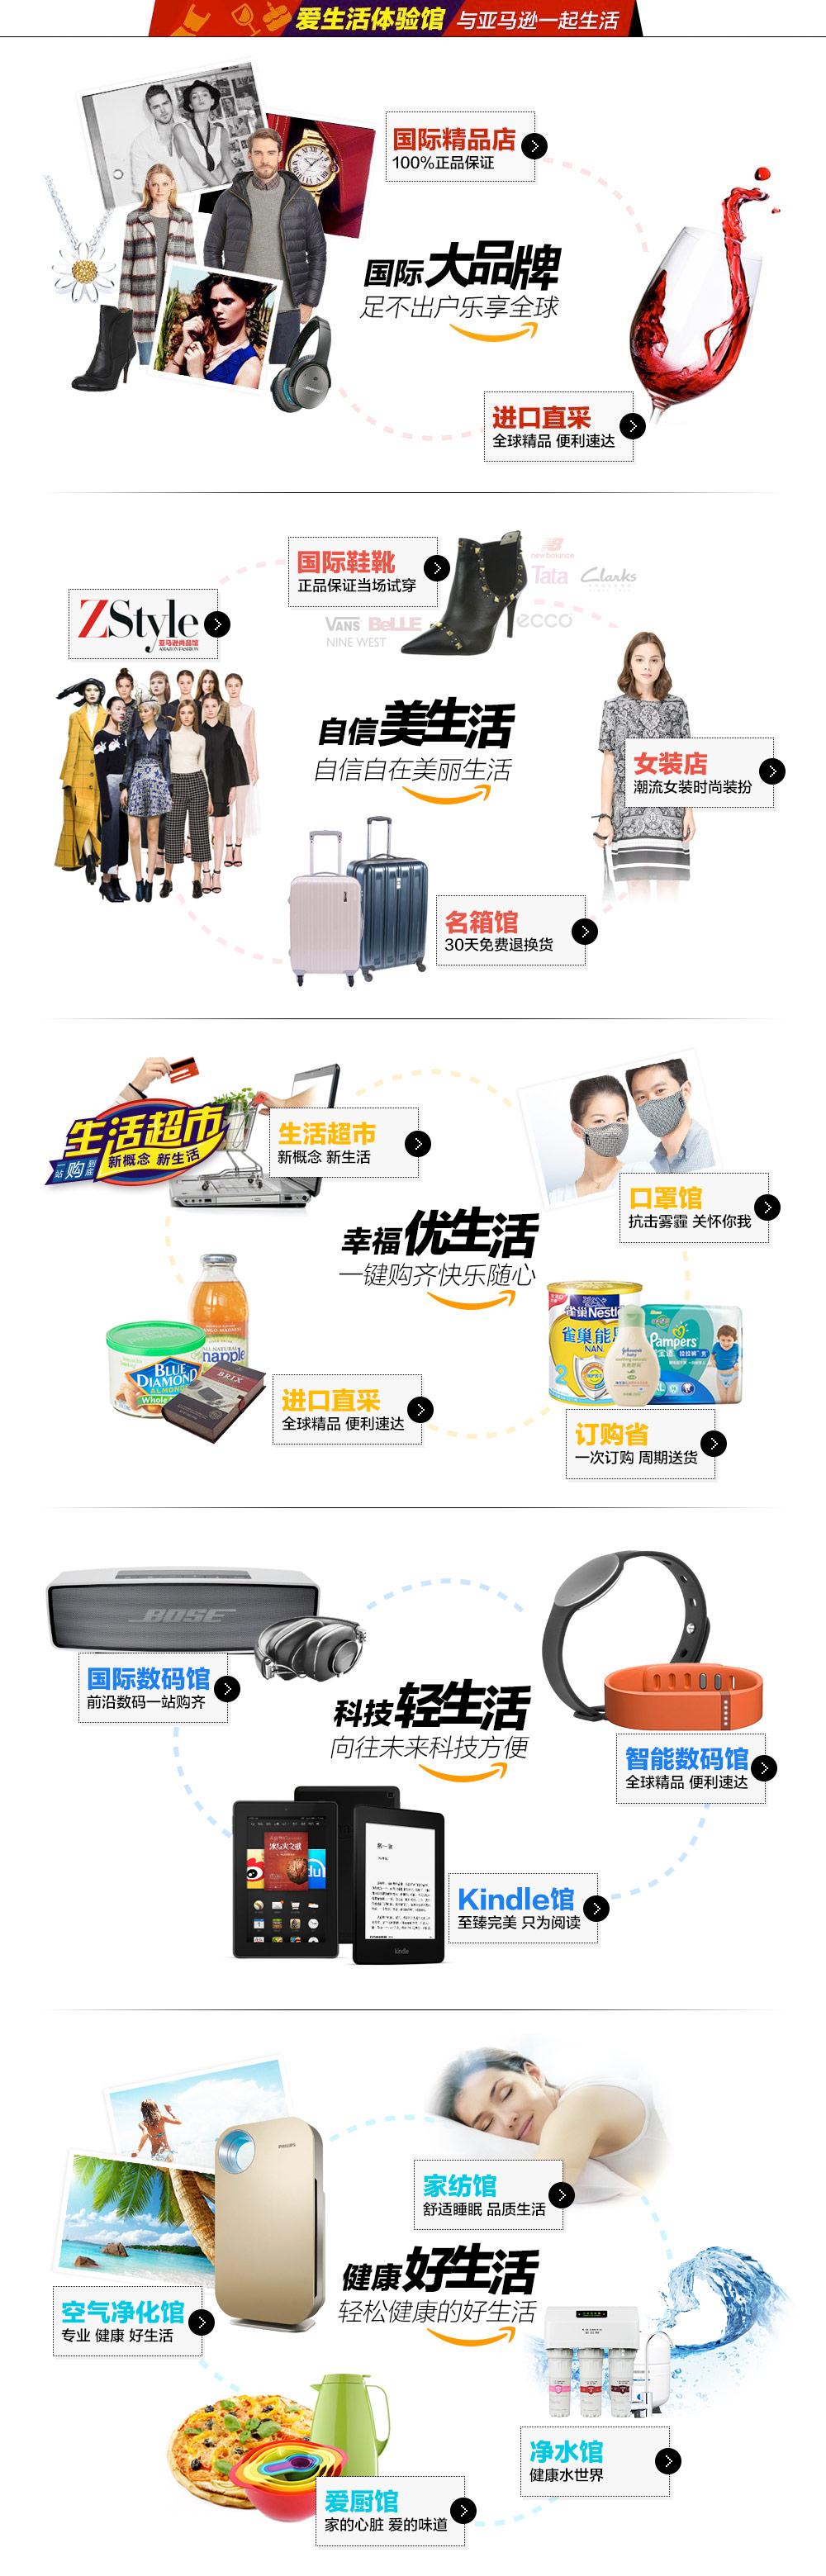 2014亚马逊11.11光棍节网购狂欢